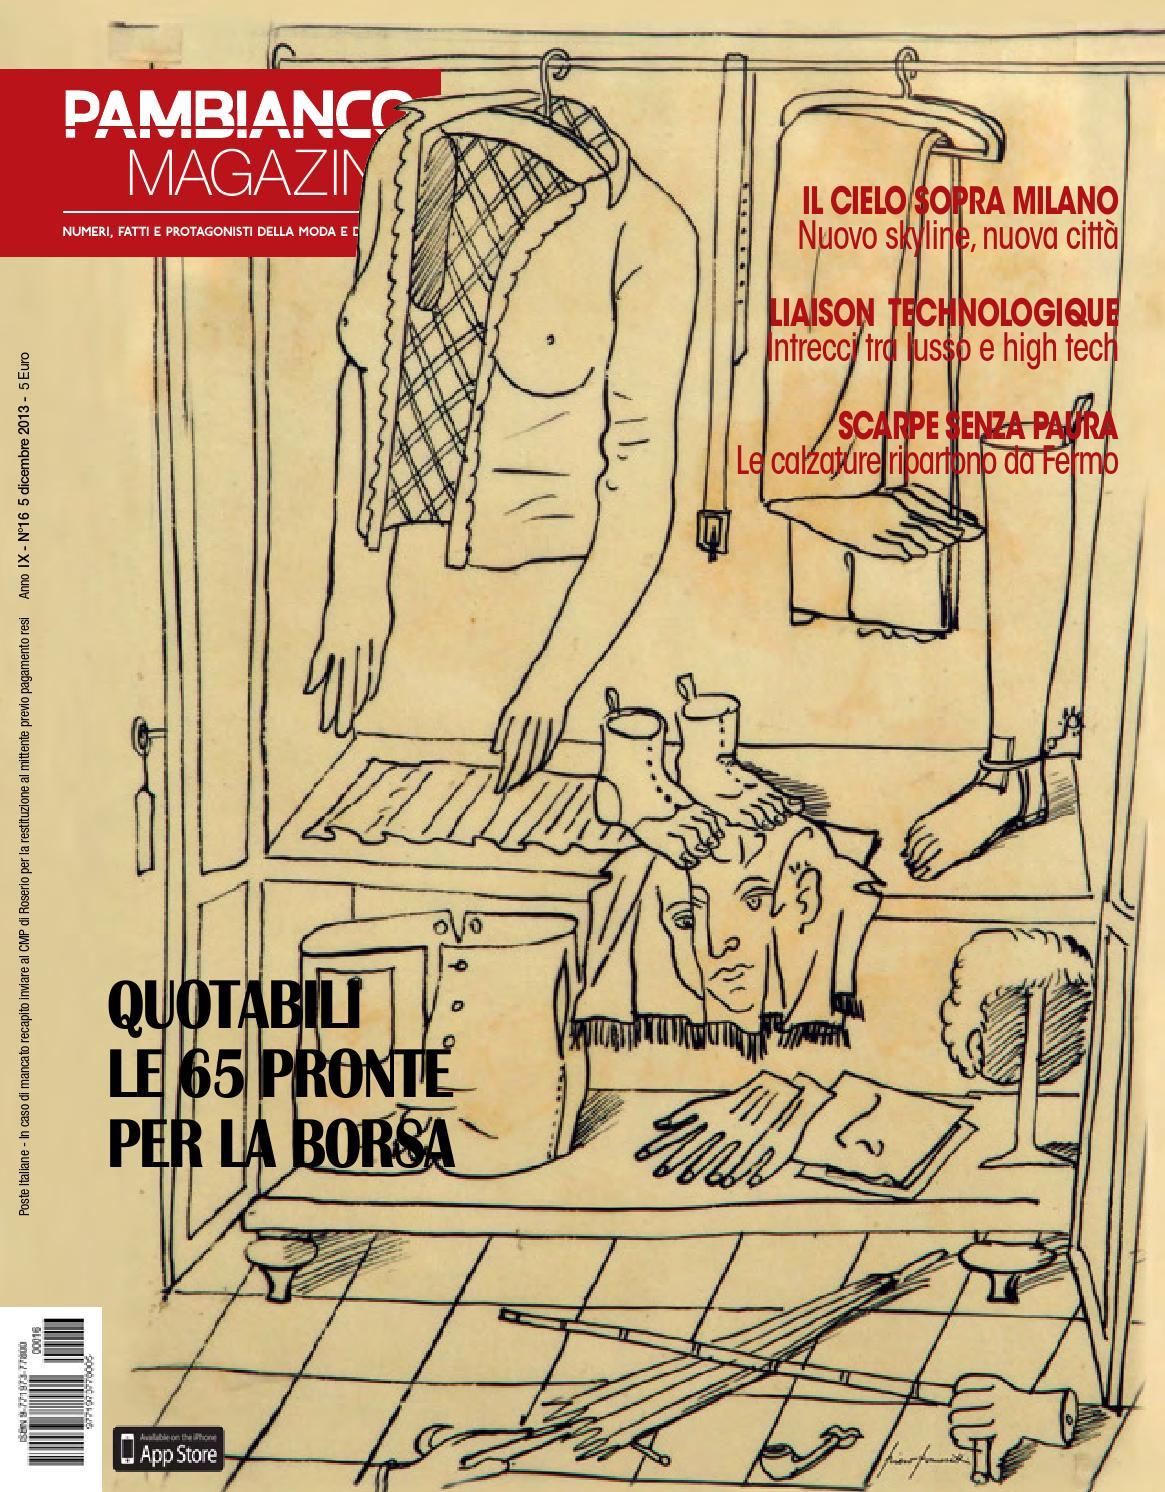 Pambianco Magazine N.16 IX by Pambianconews - issuu 99ad7d5793b